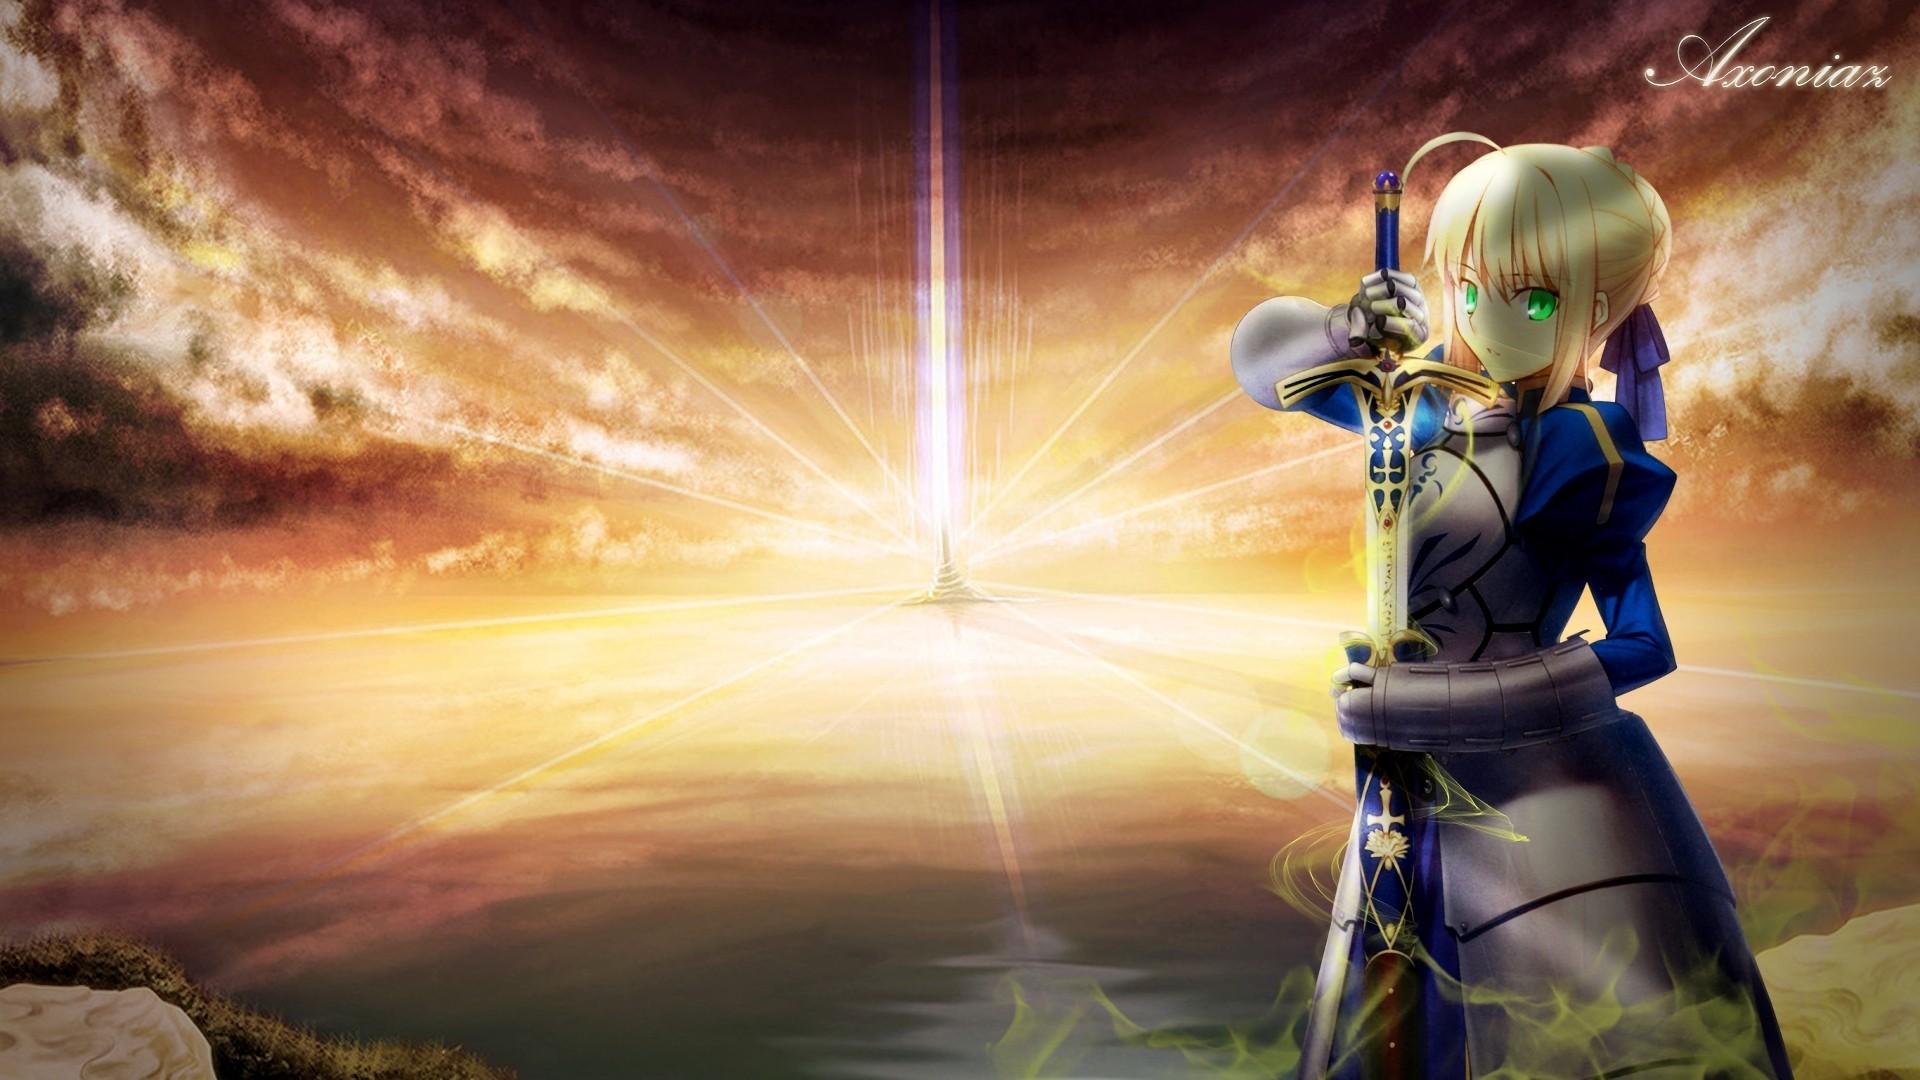 Fate Zero Wallpaper Image